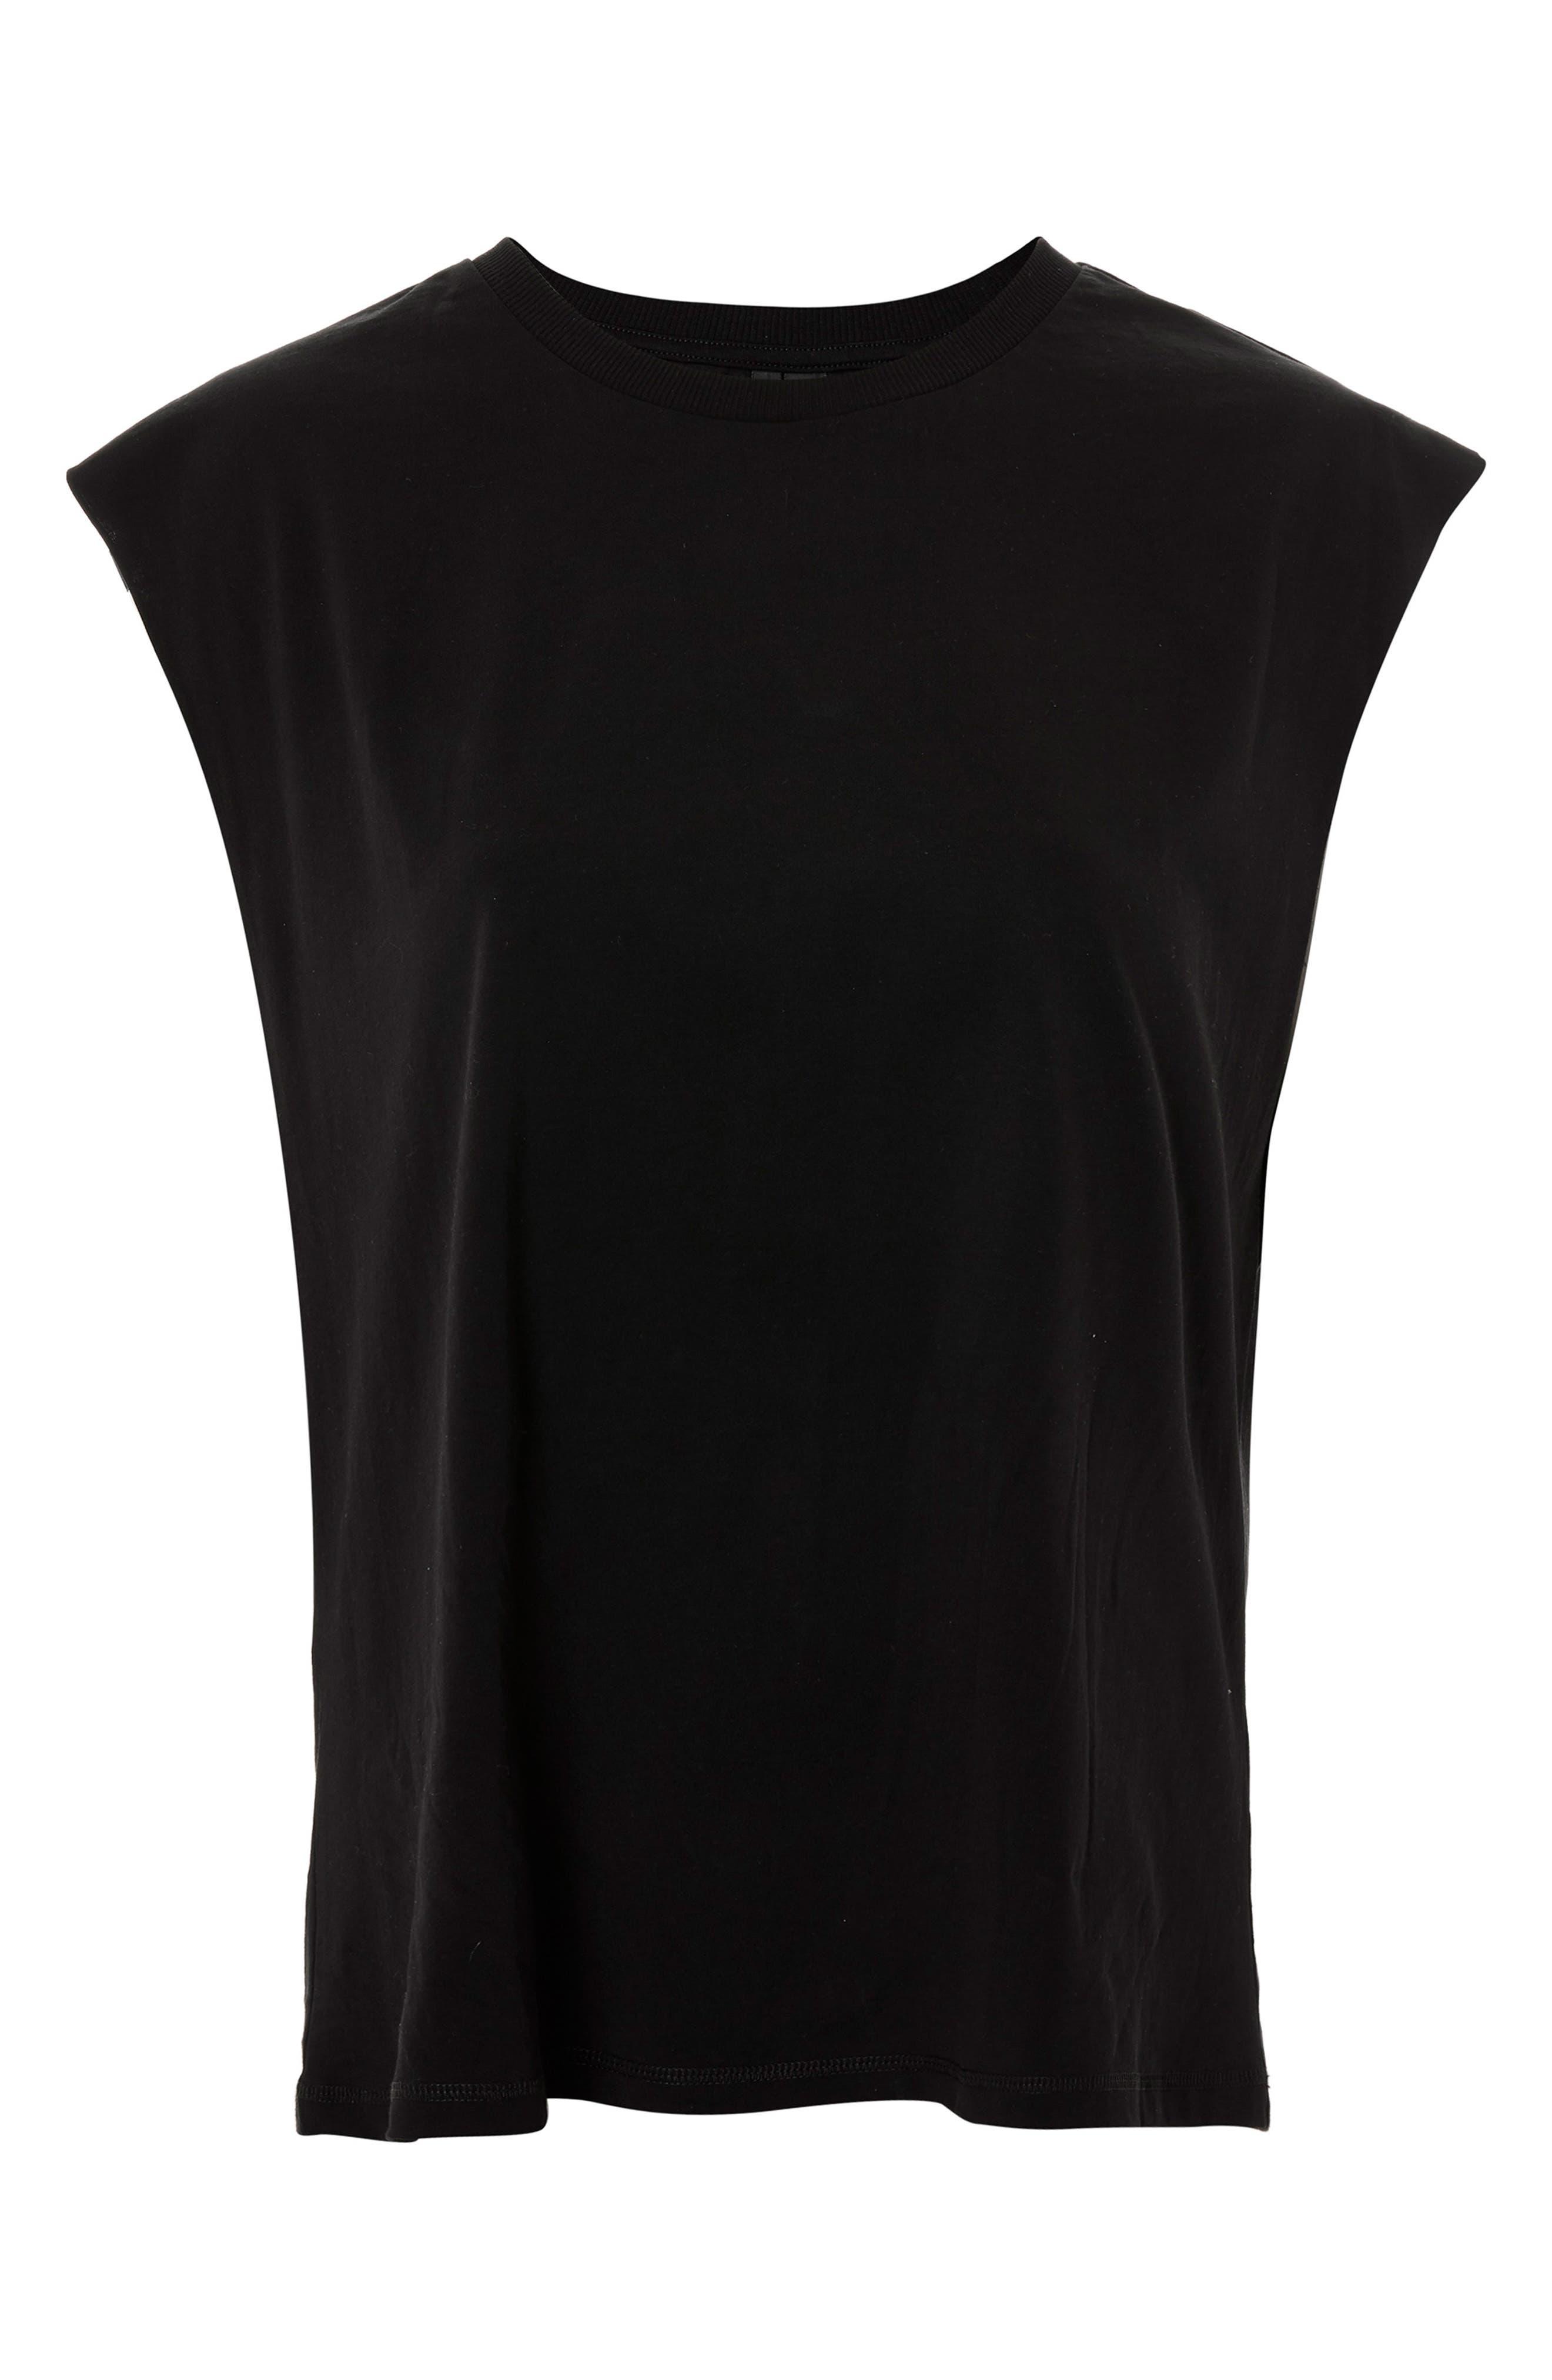 Raw Sleeve Top,                             Main thumbnail 1, color,                             001